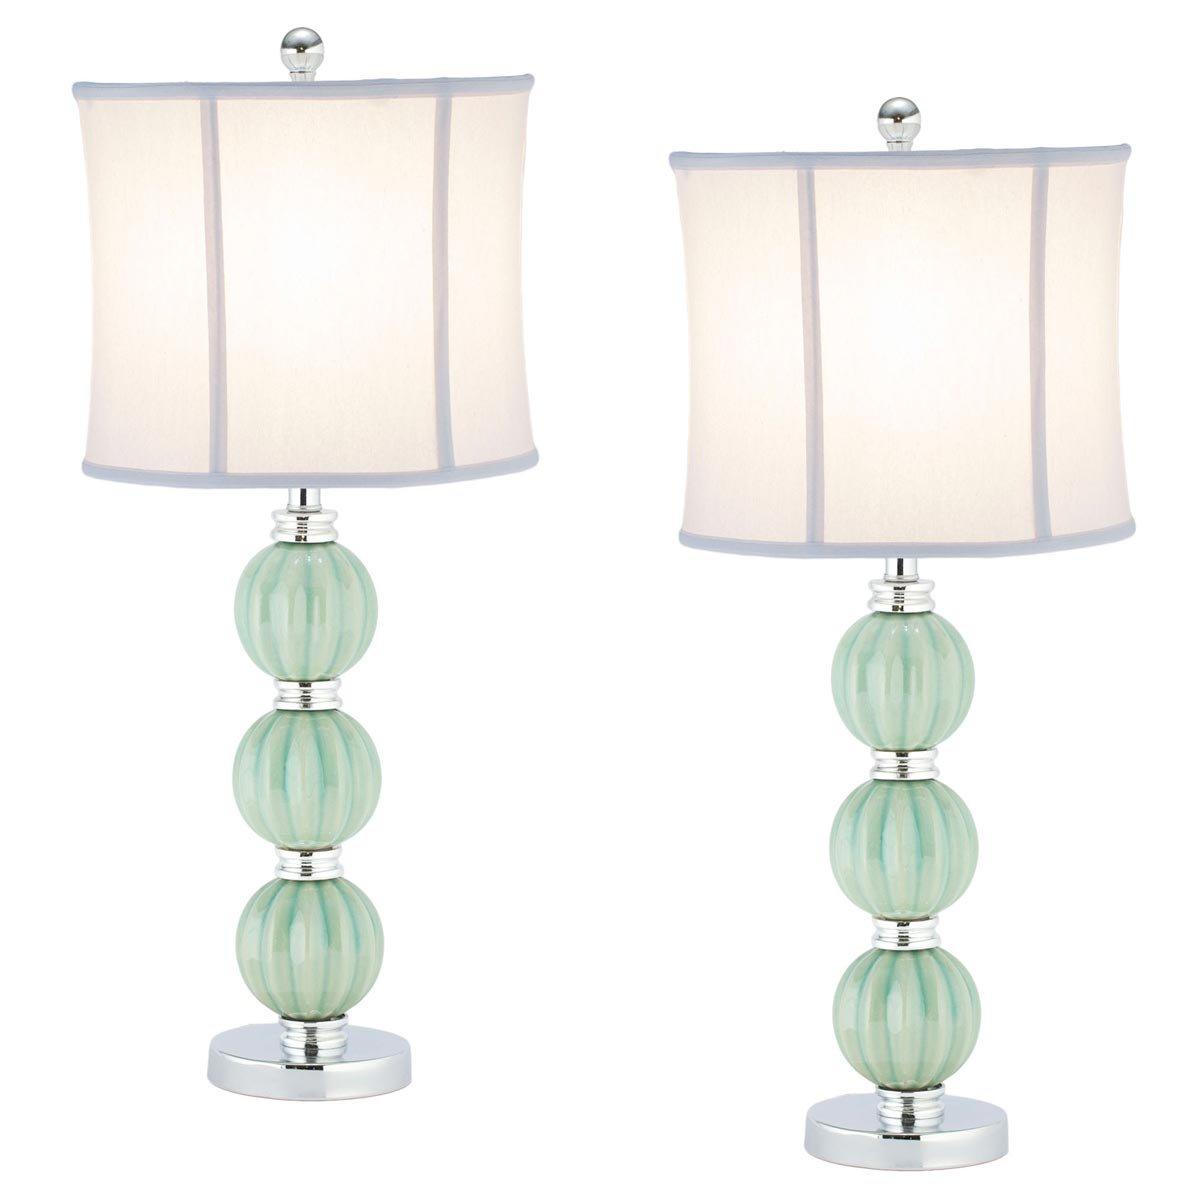 Designer Bedside Lamps